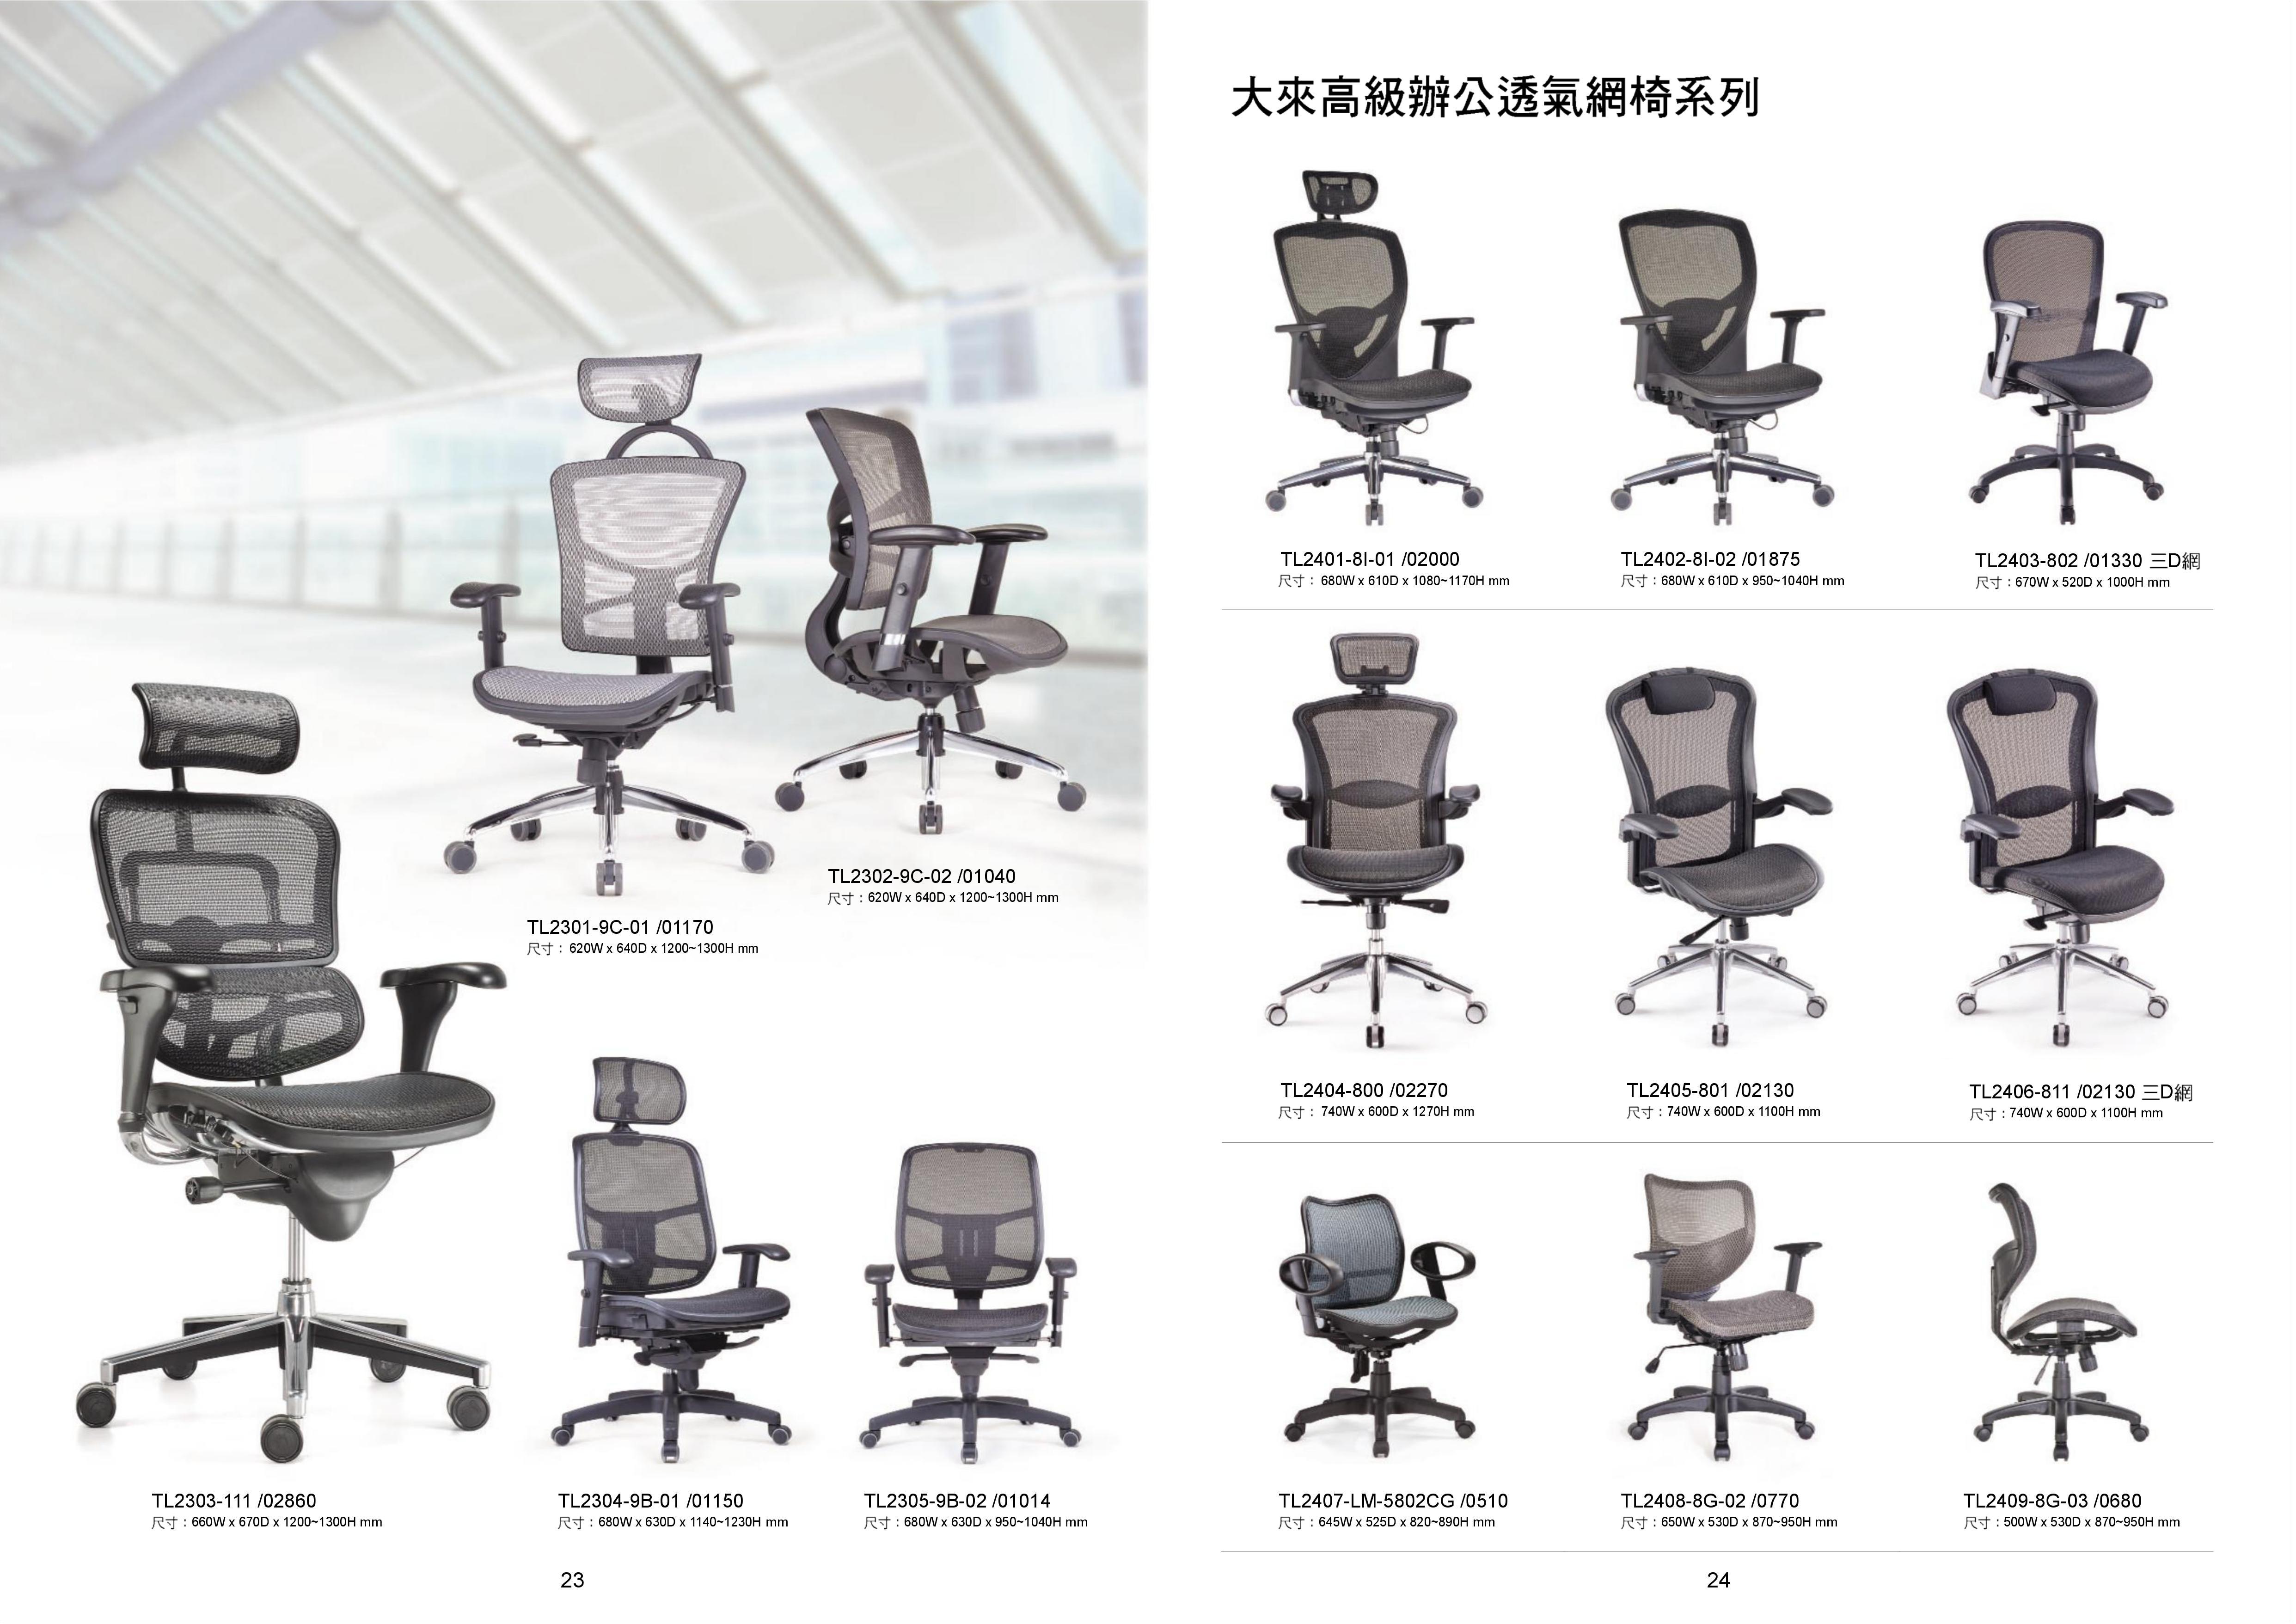 高級辦公椅系列